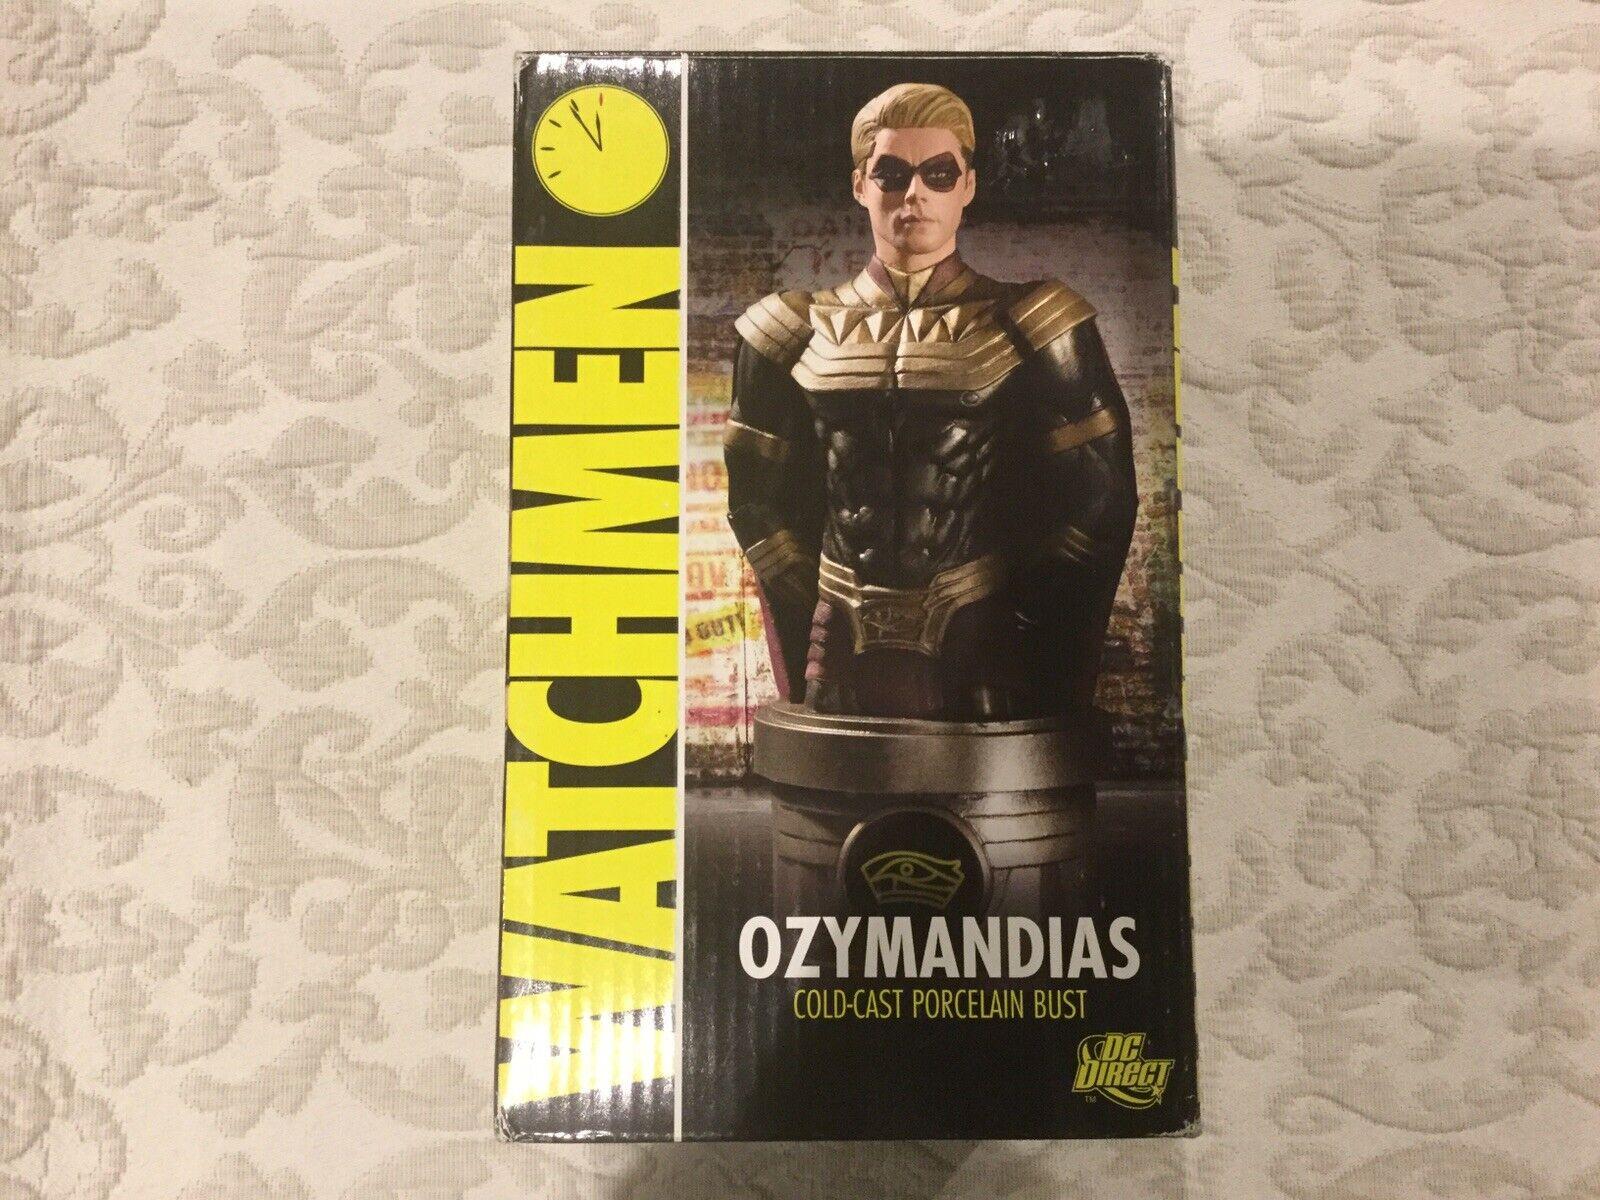 2009 TM DC Direct WatchSie Ozymandias Cold-Cast Porcelain Bust 0827 5000